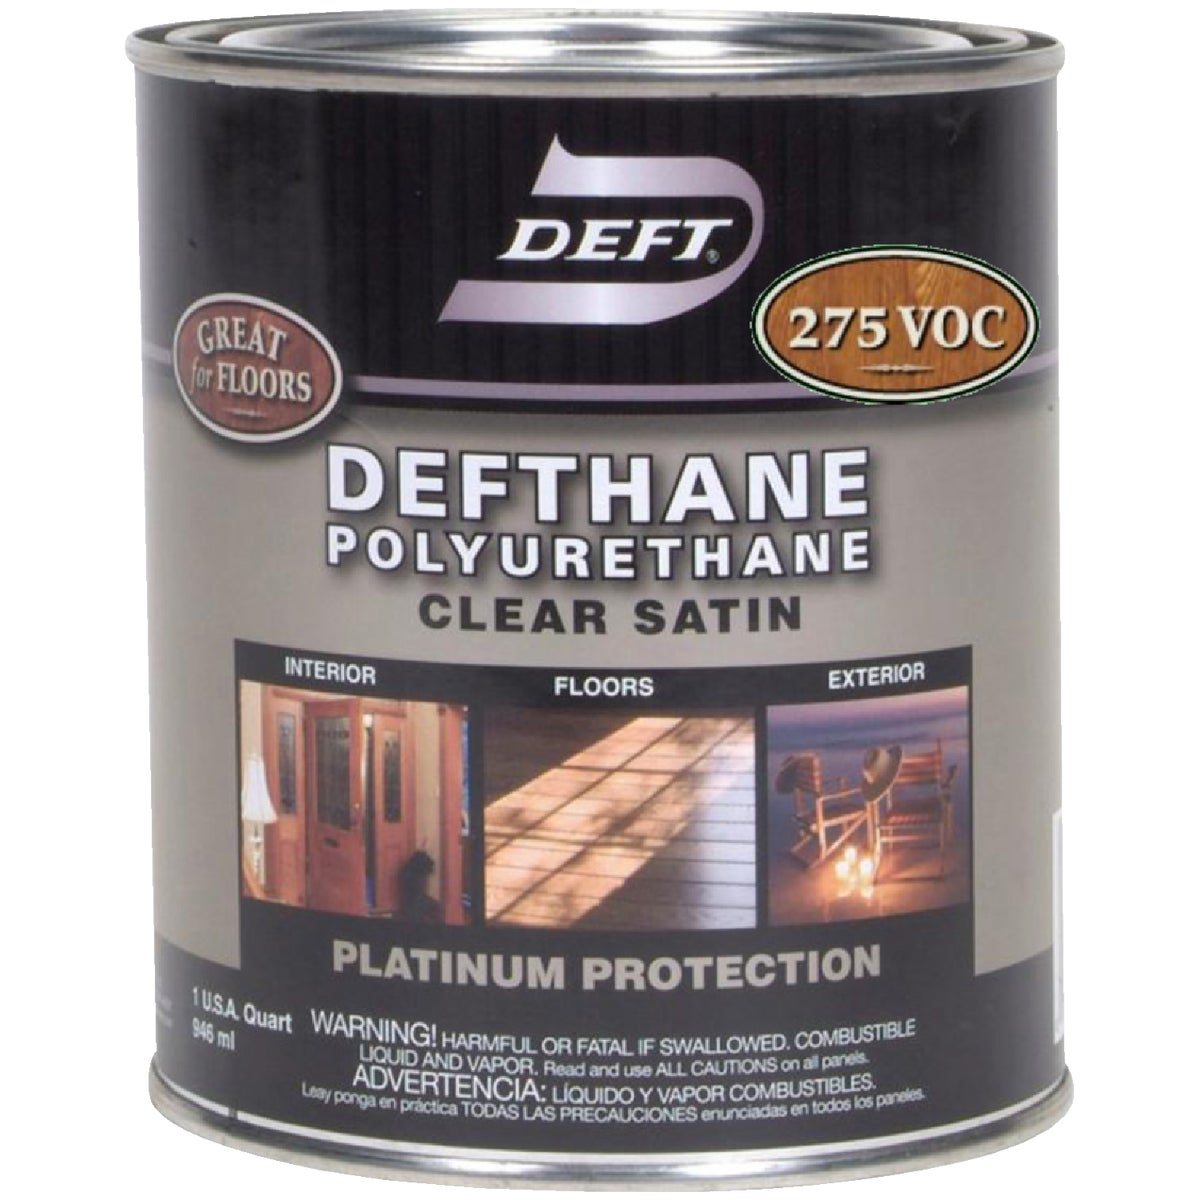 275 VOC SAT DEFTHANE - DFT026/04 by Deft